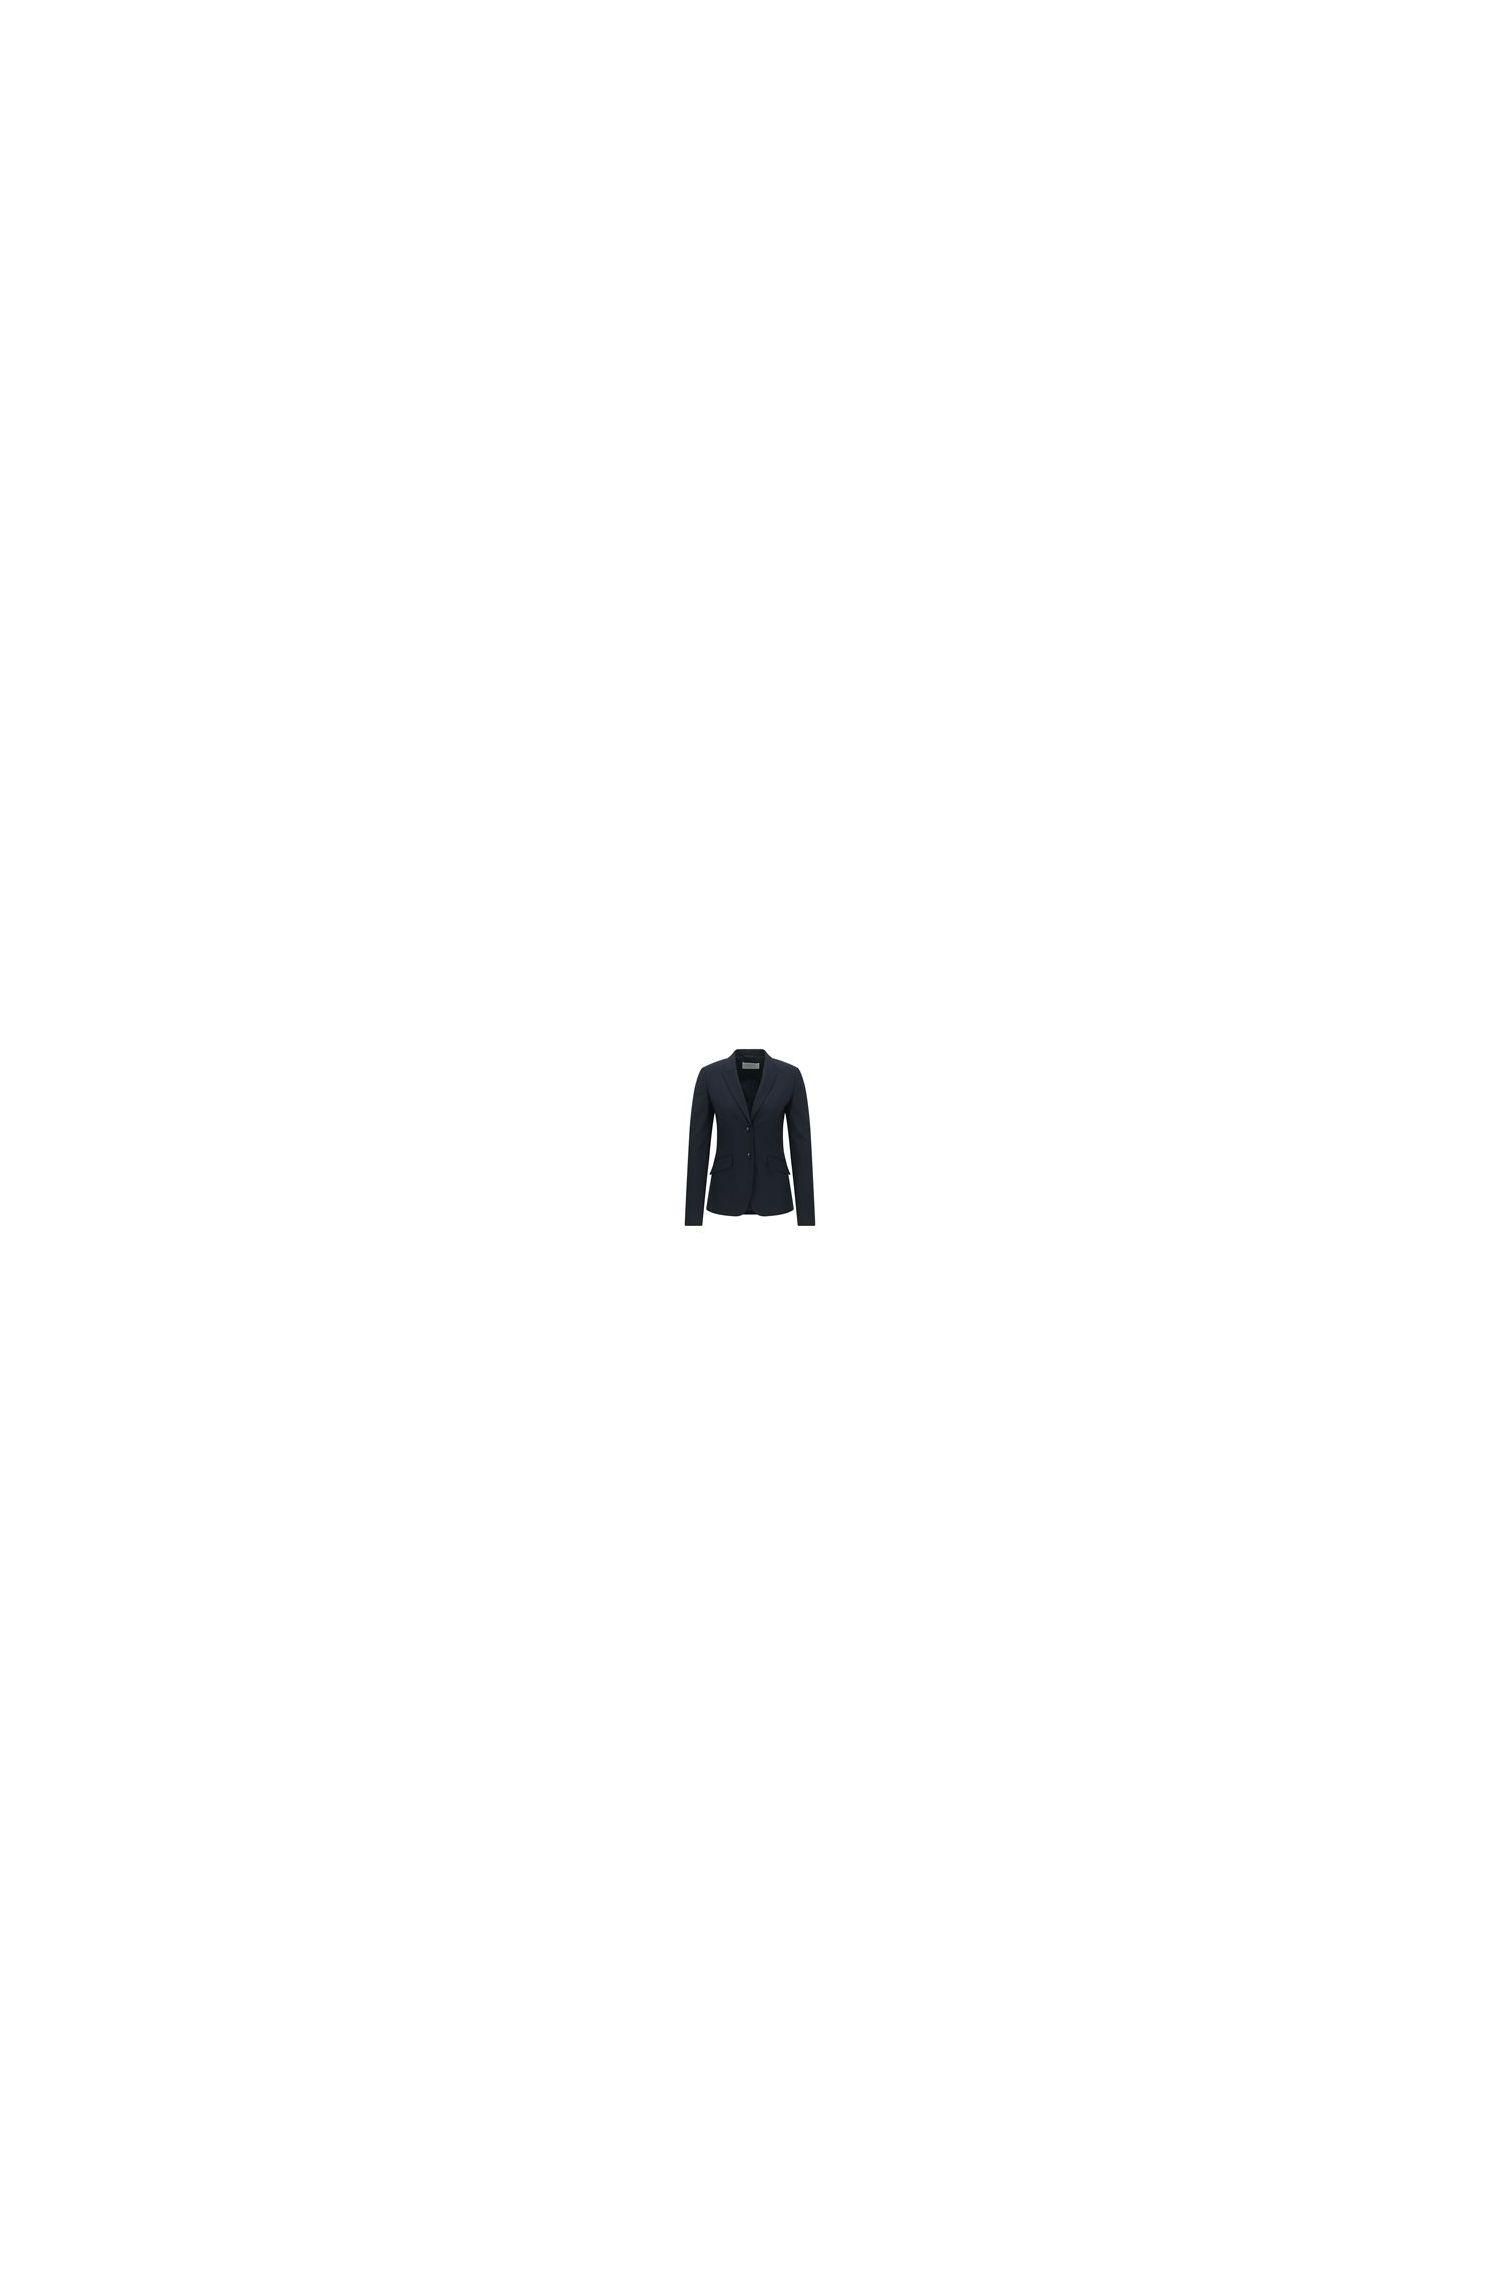 Stretch Virgin Wool Jacket | Julea